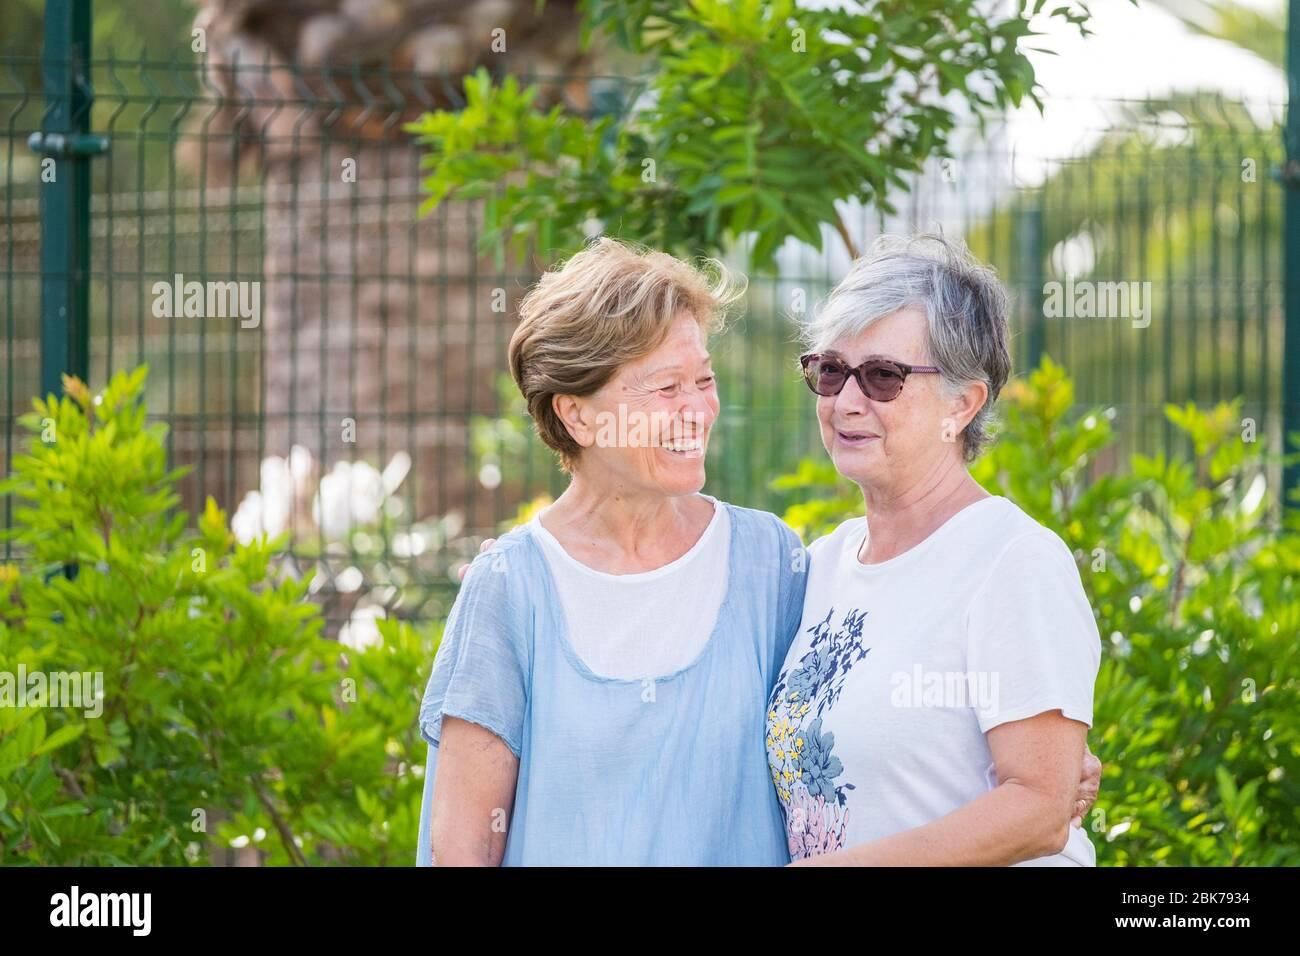 Pareja mayor mujeres caucásicas amigos se divierten y disfrutan de contacto social y amistad al aire libre después de la sujeción para coronavirus y son felices para el healt Foto de stock